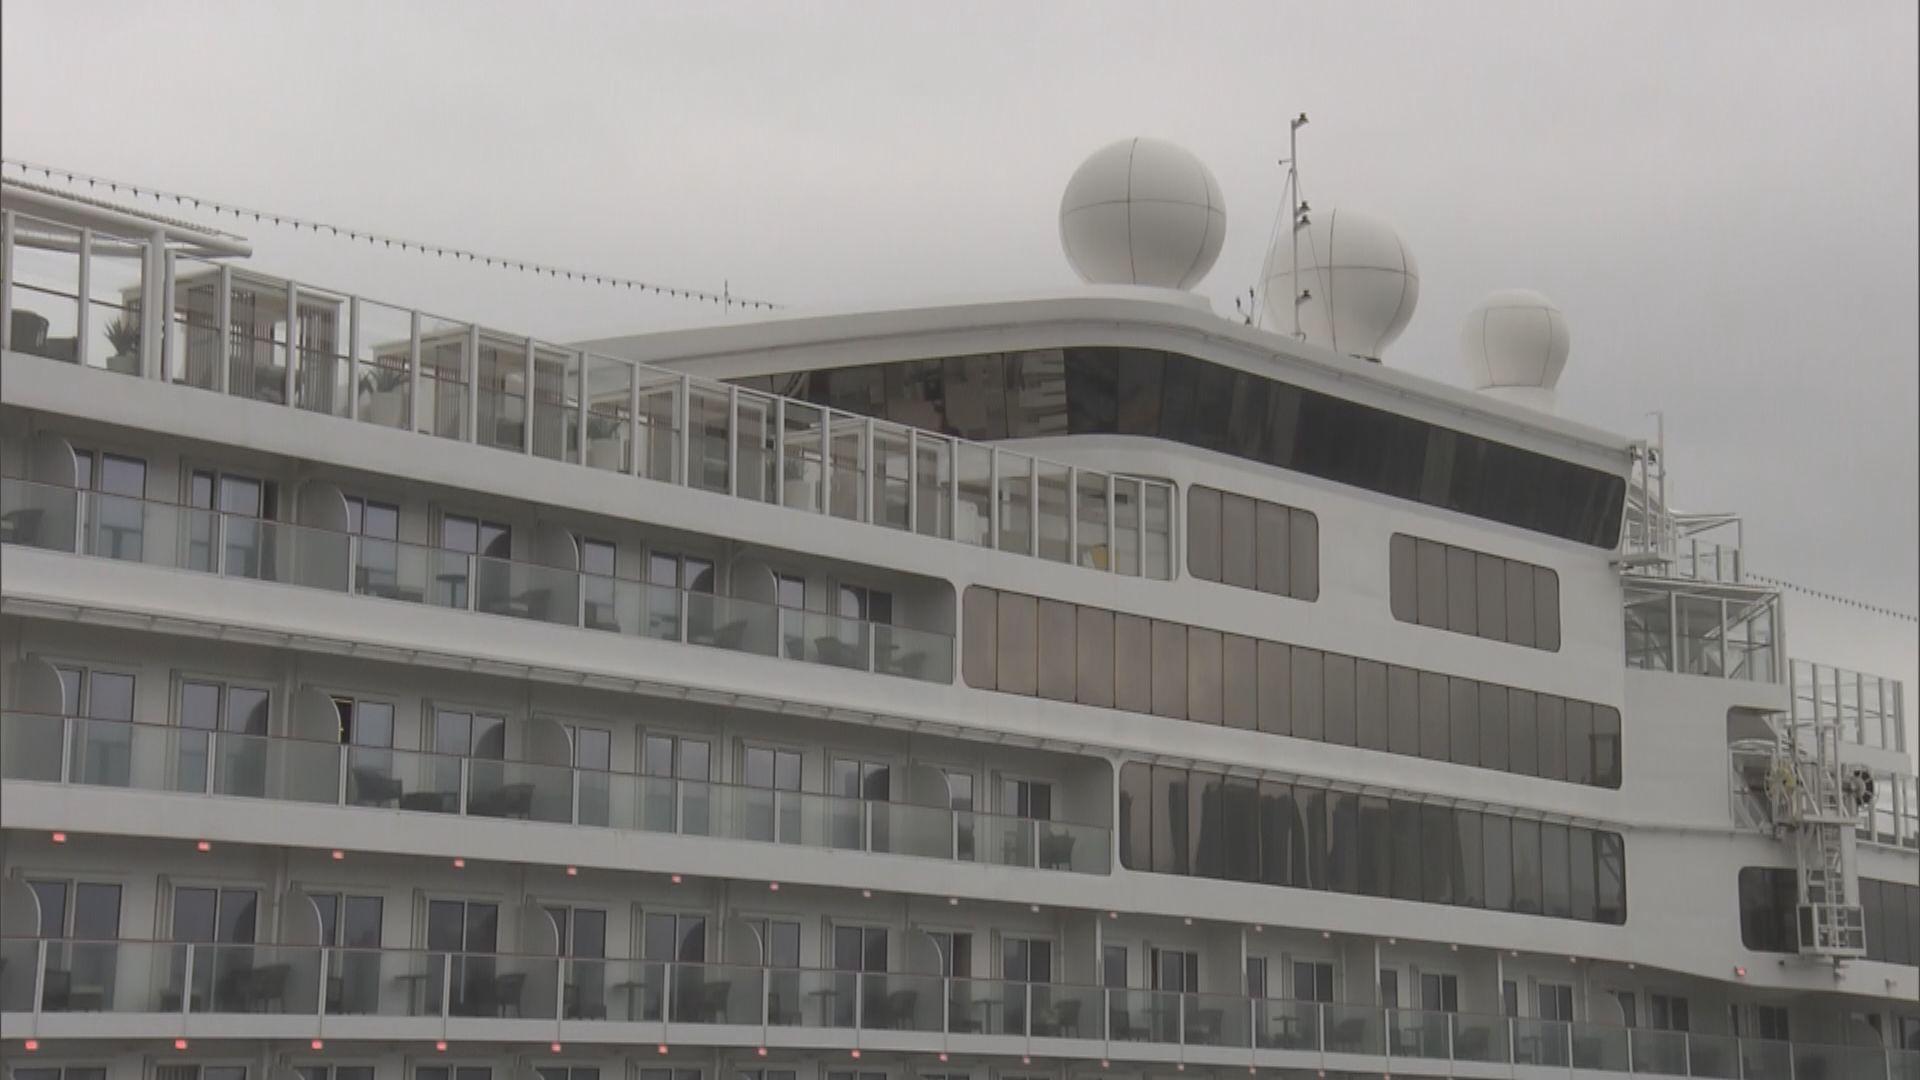 星夢郵輪:船上資源足夠供應予全部乘客及員工